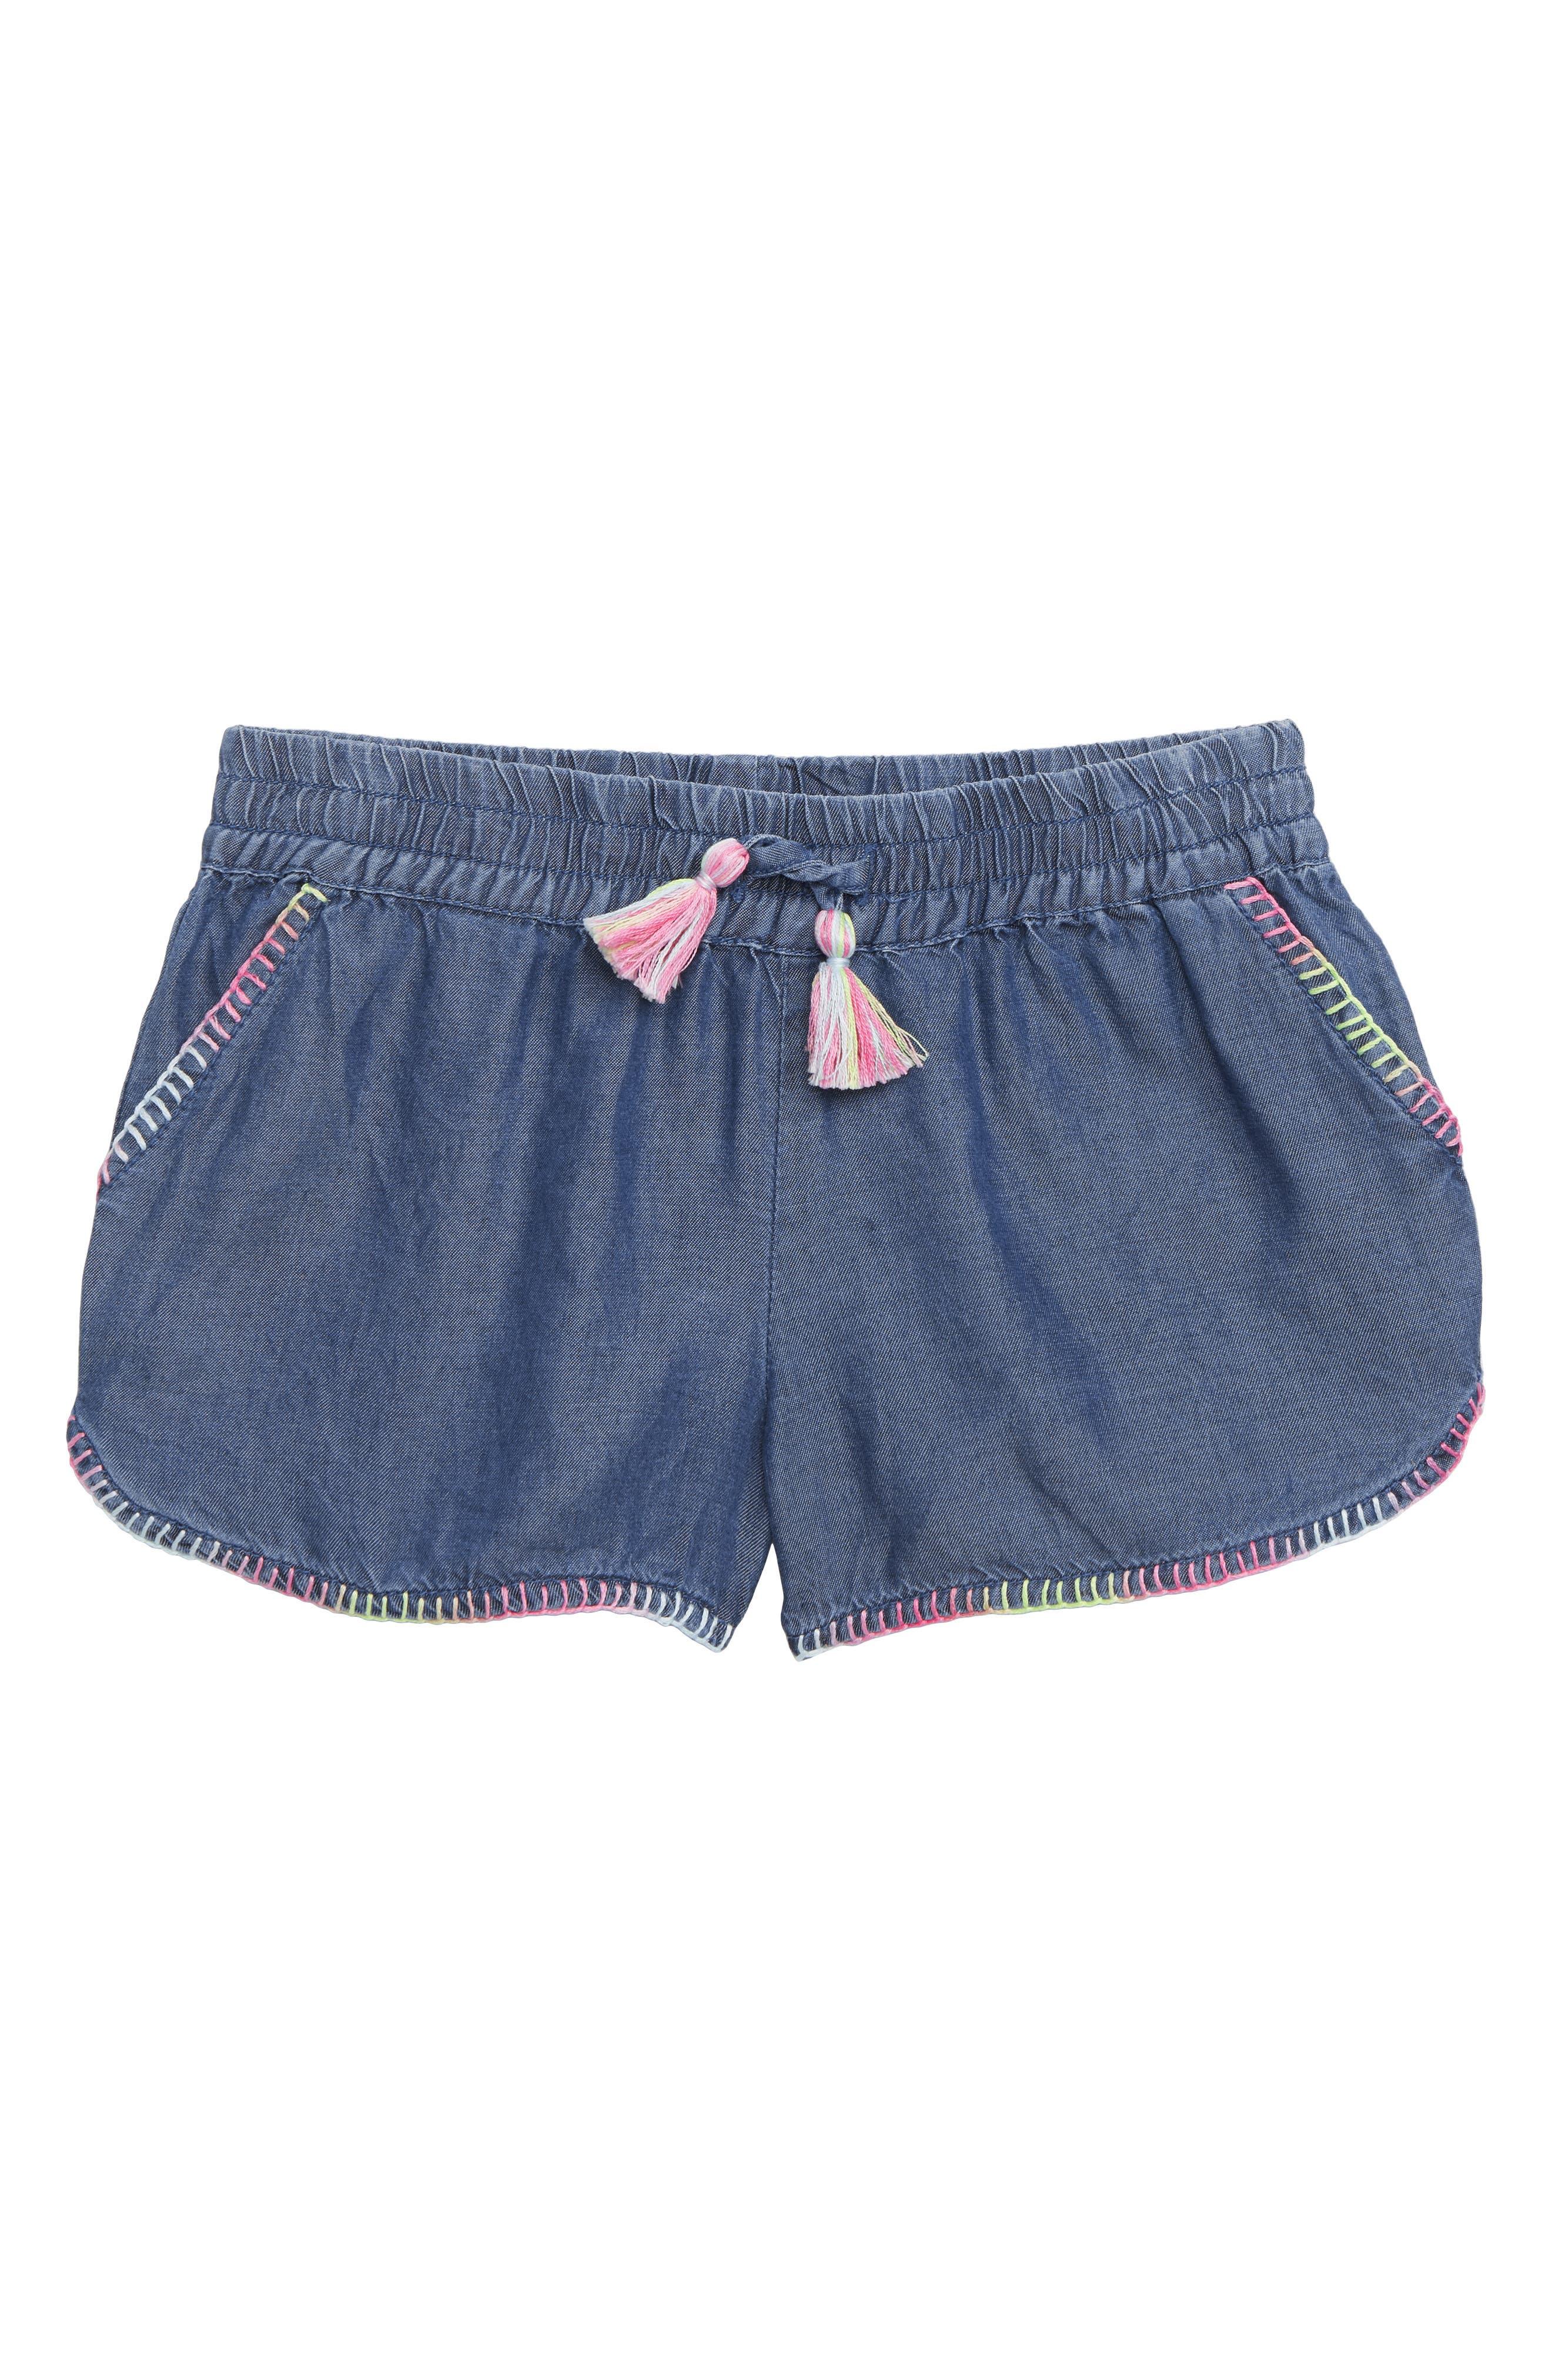 Girls Peek ArenT You Curious Farrah Tassel Shorts Size 10  Blue